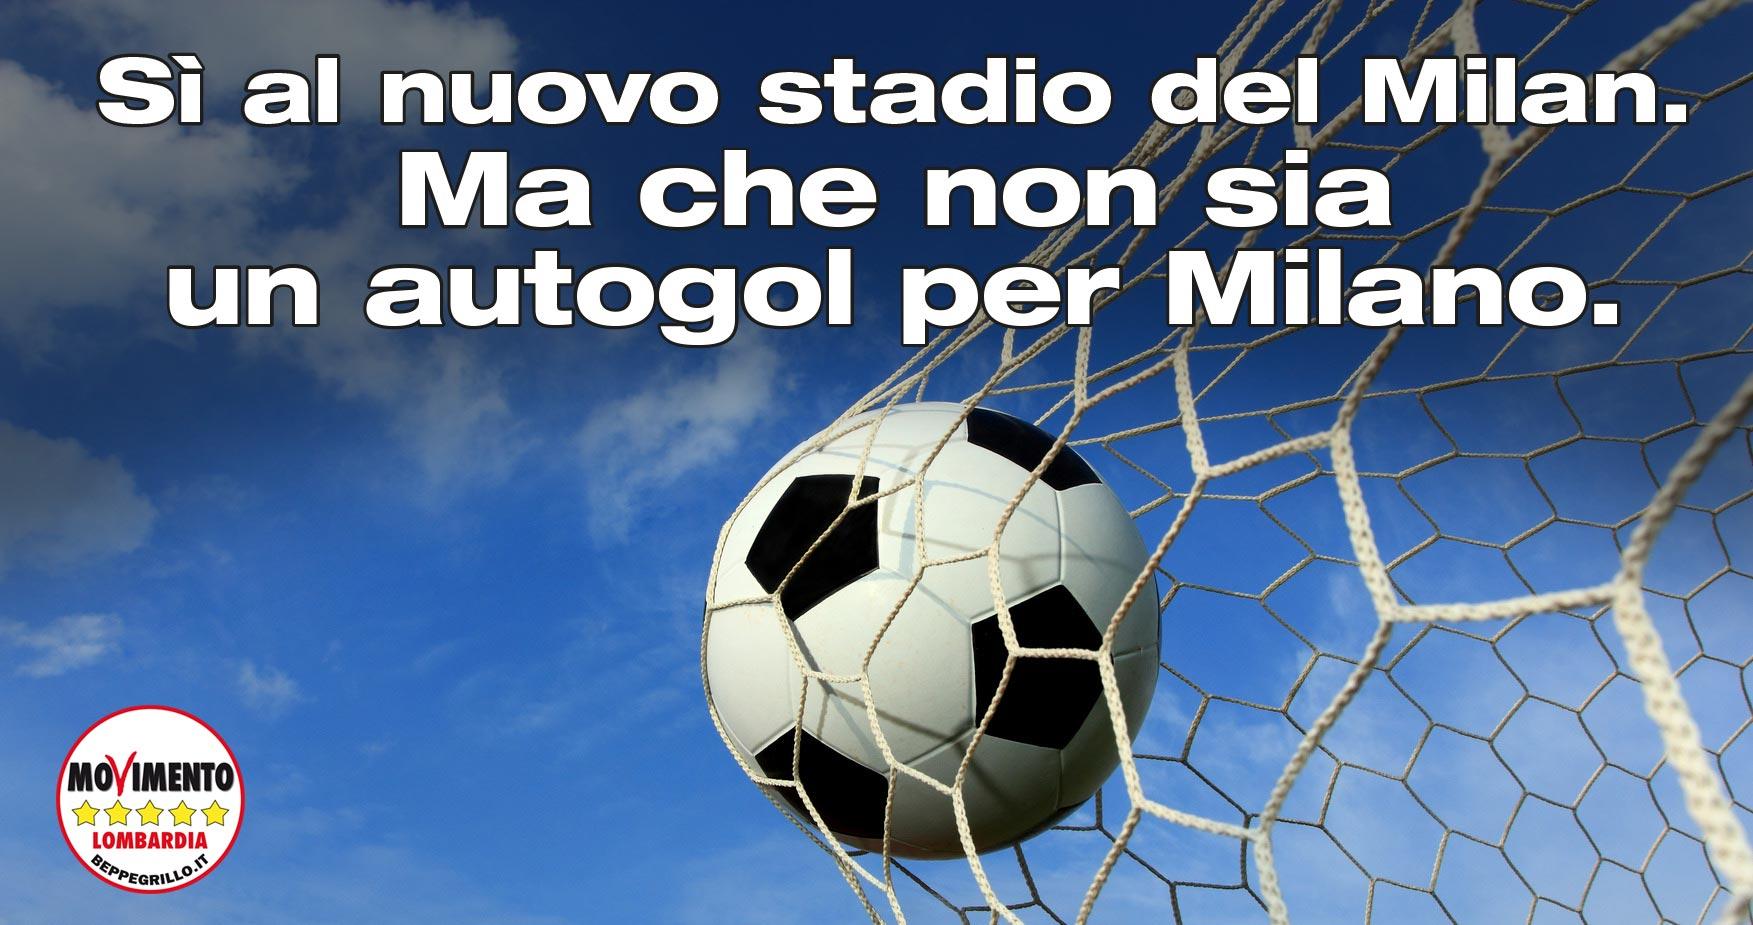 Il M5S Lombardia è fermamente contrario al nuovo Stadio del Milan al Portello di Milano